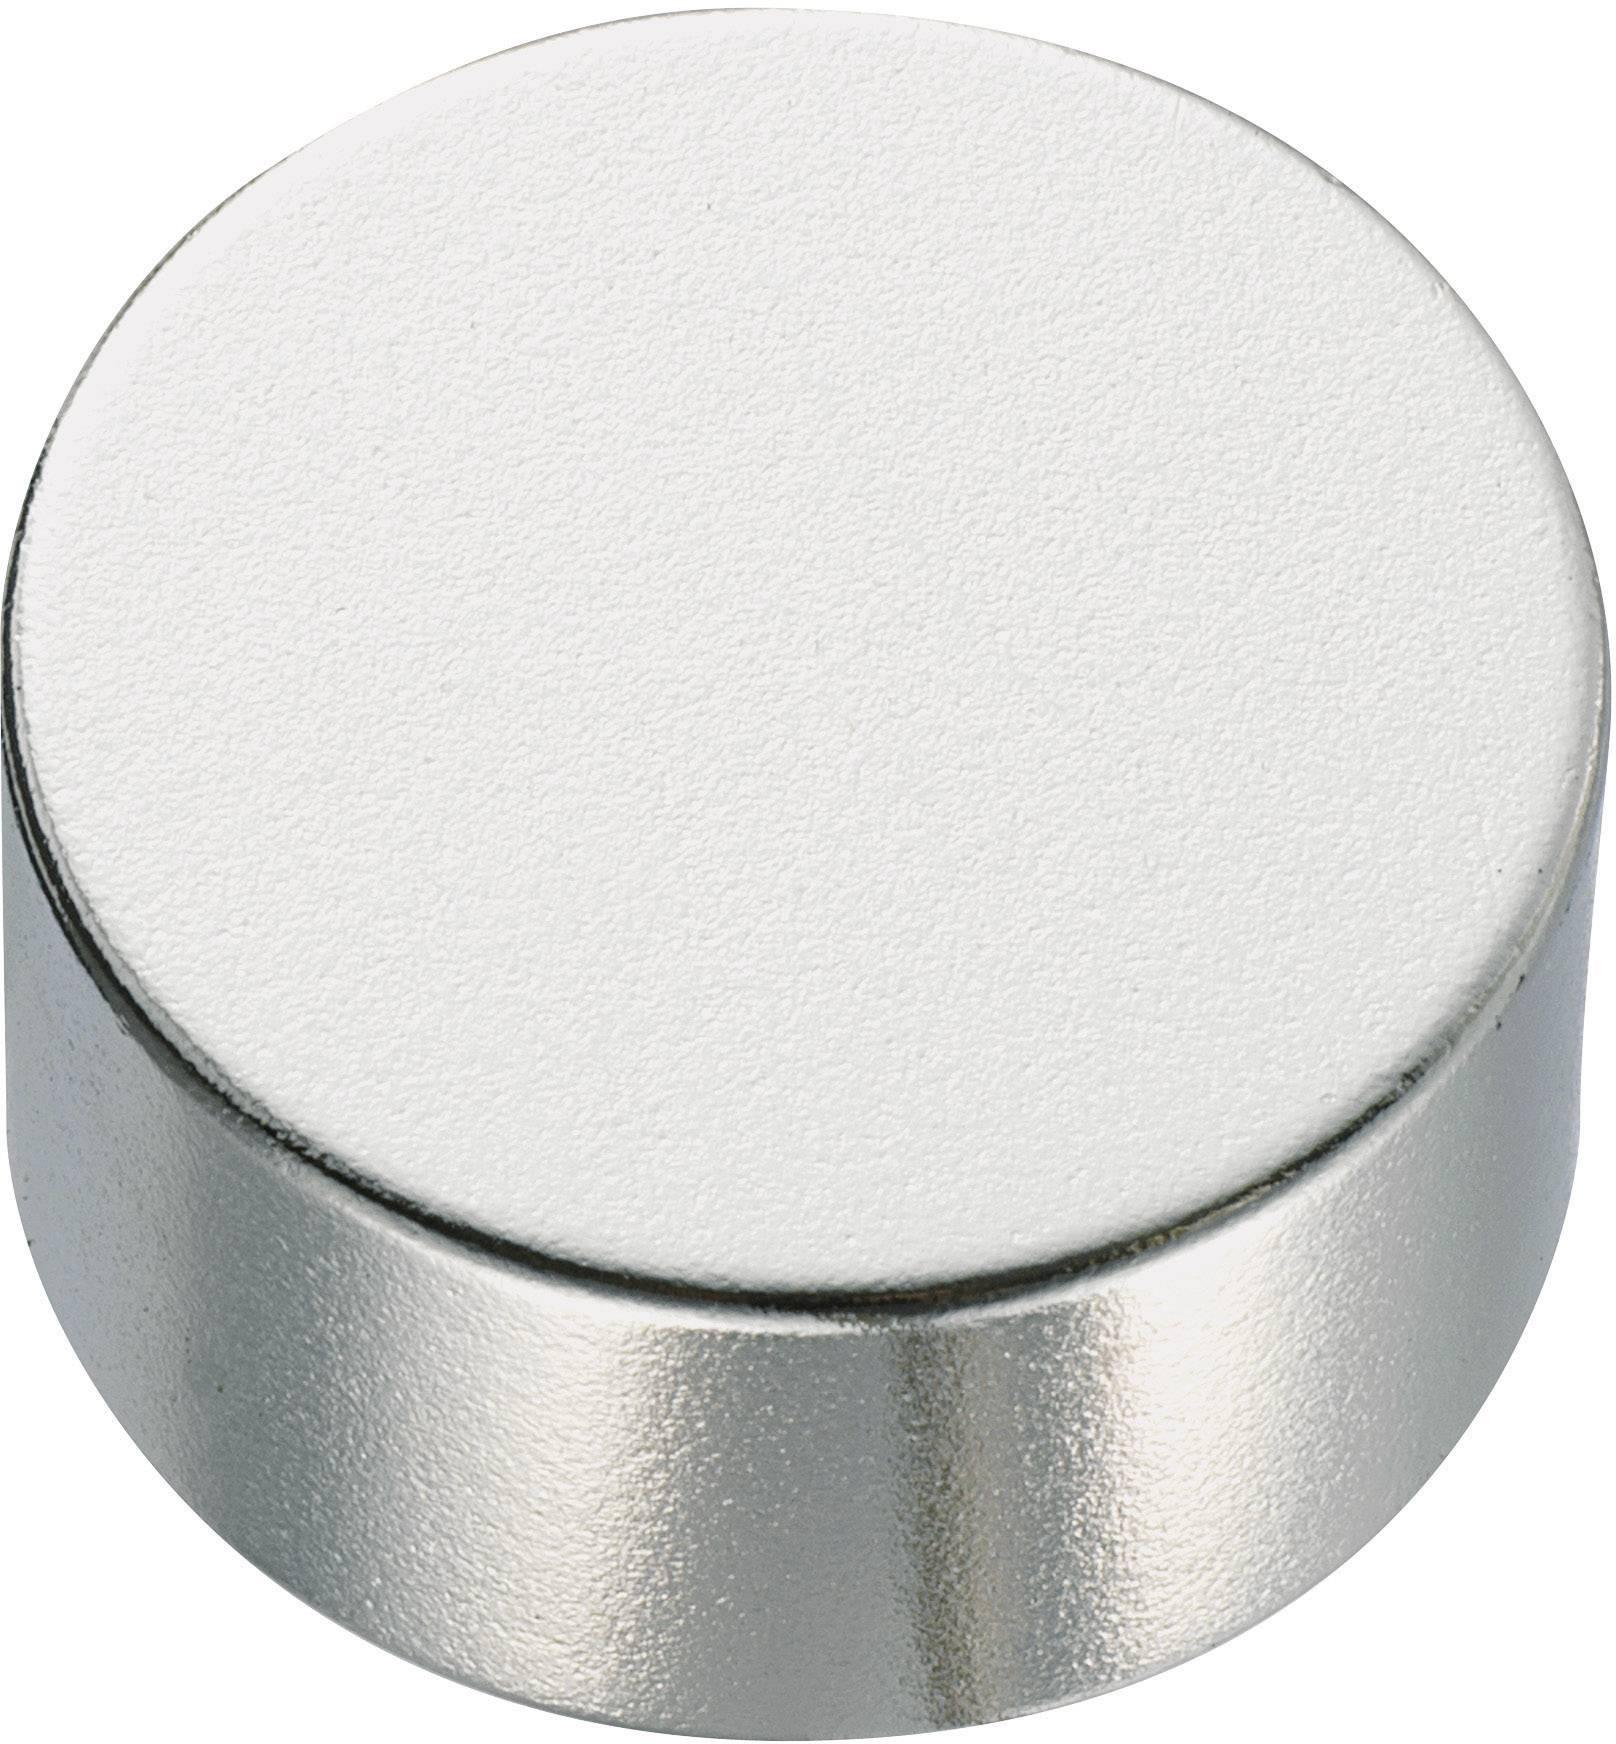 Kulatý permanentní magnet TRU COMPONENTS 505875, (Ø x v) 5 mm x 2 mm, N45